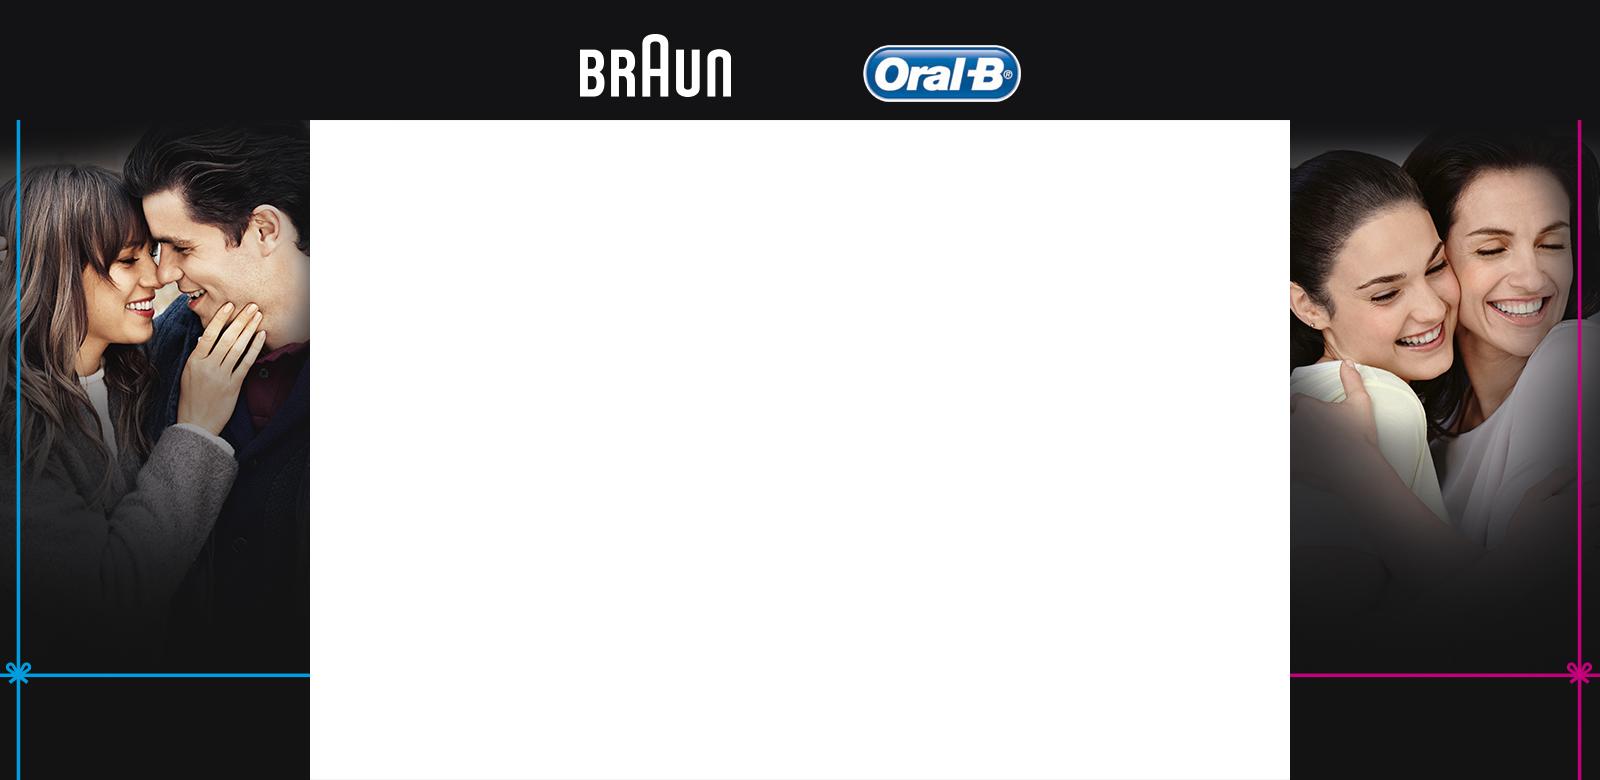 Prodotti per epilazione, rasatura e cura dei capelli | Braun IT